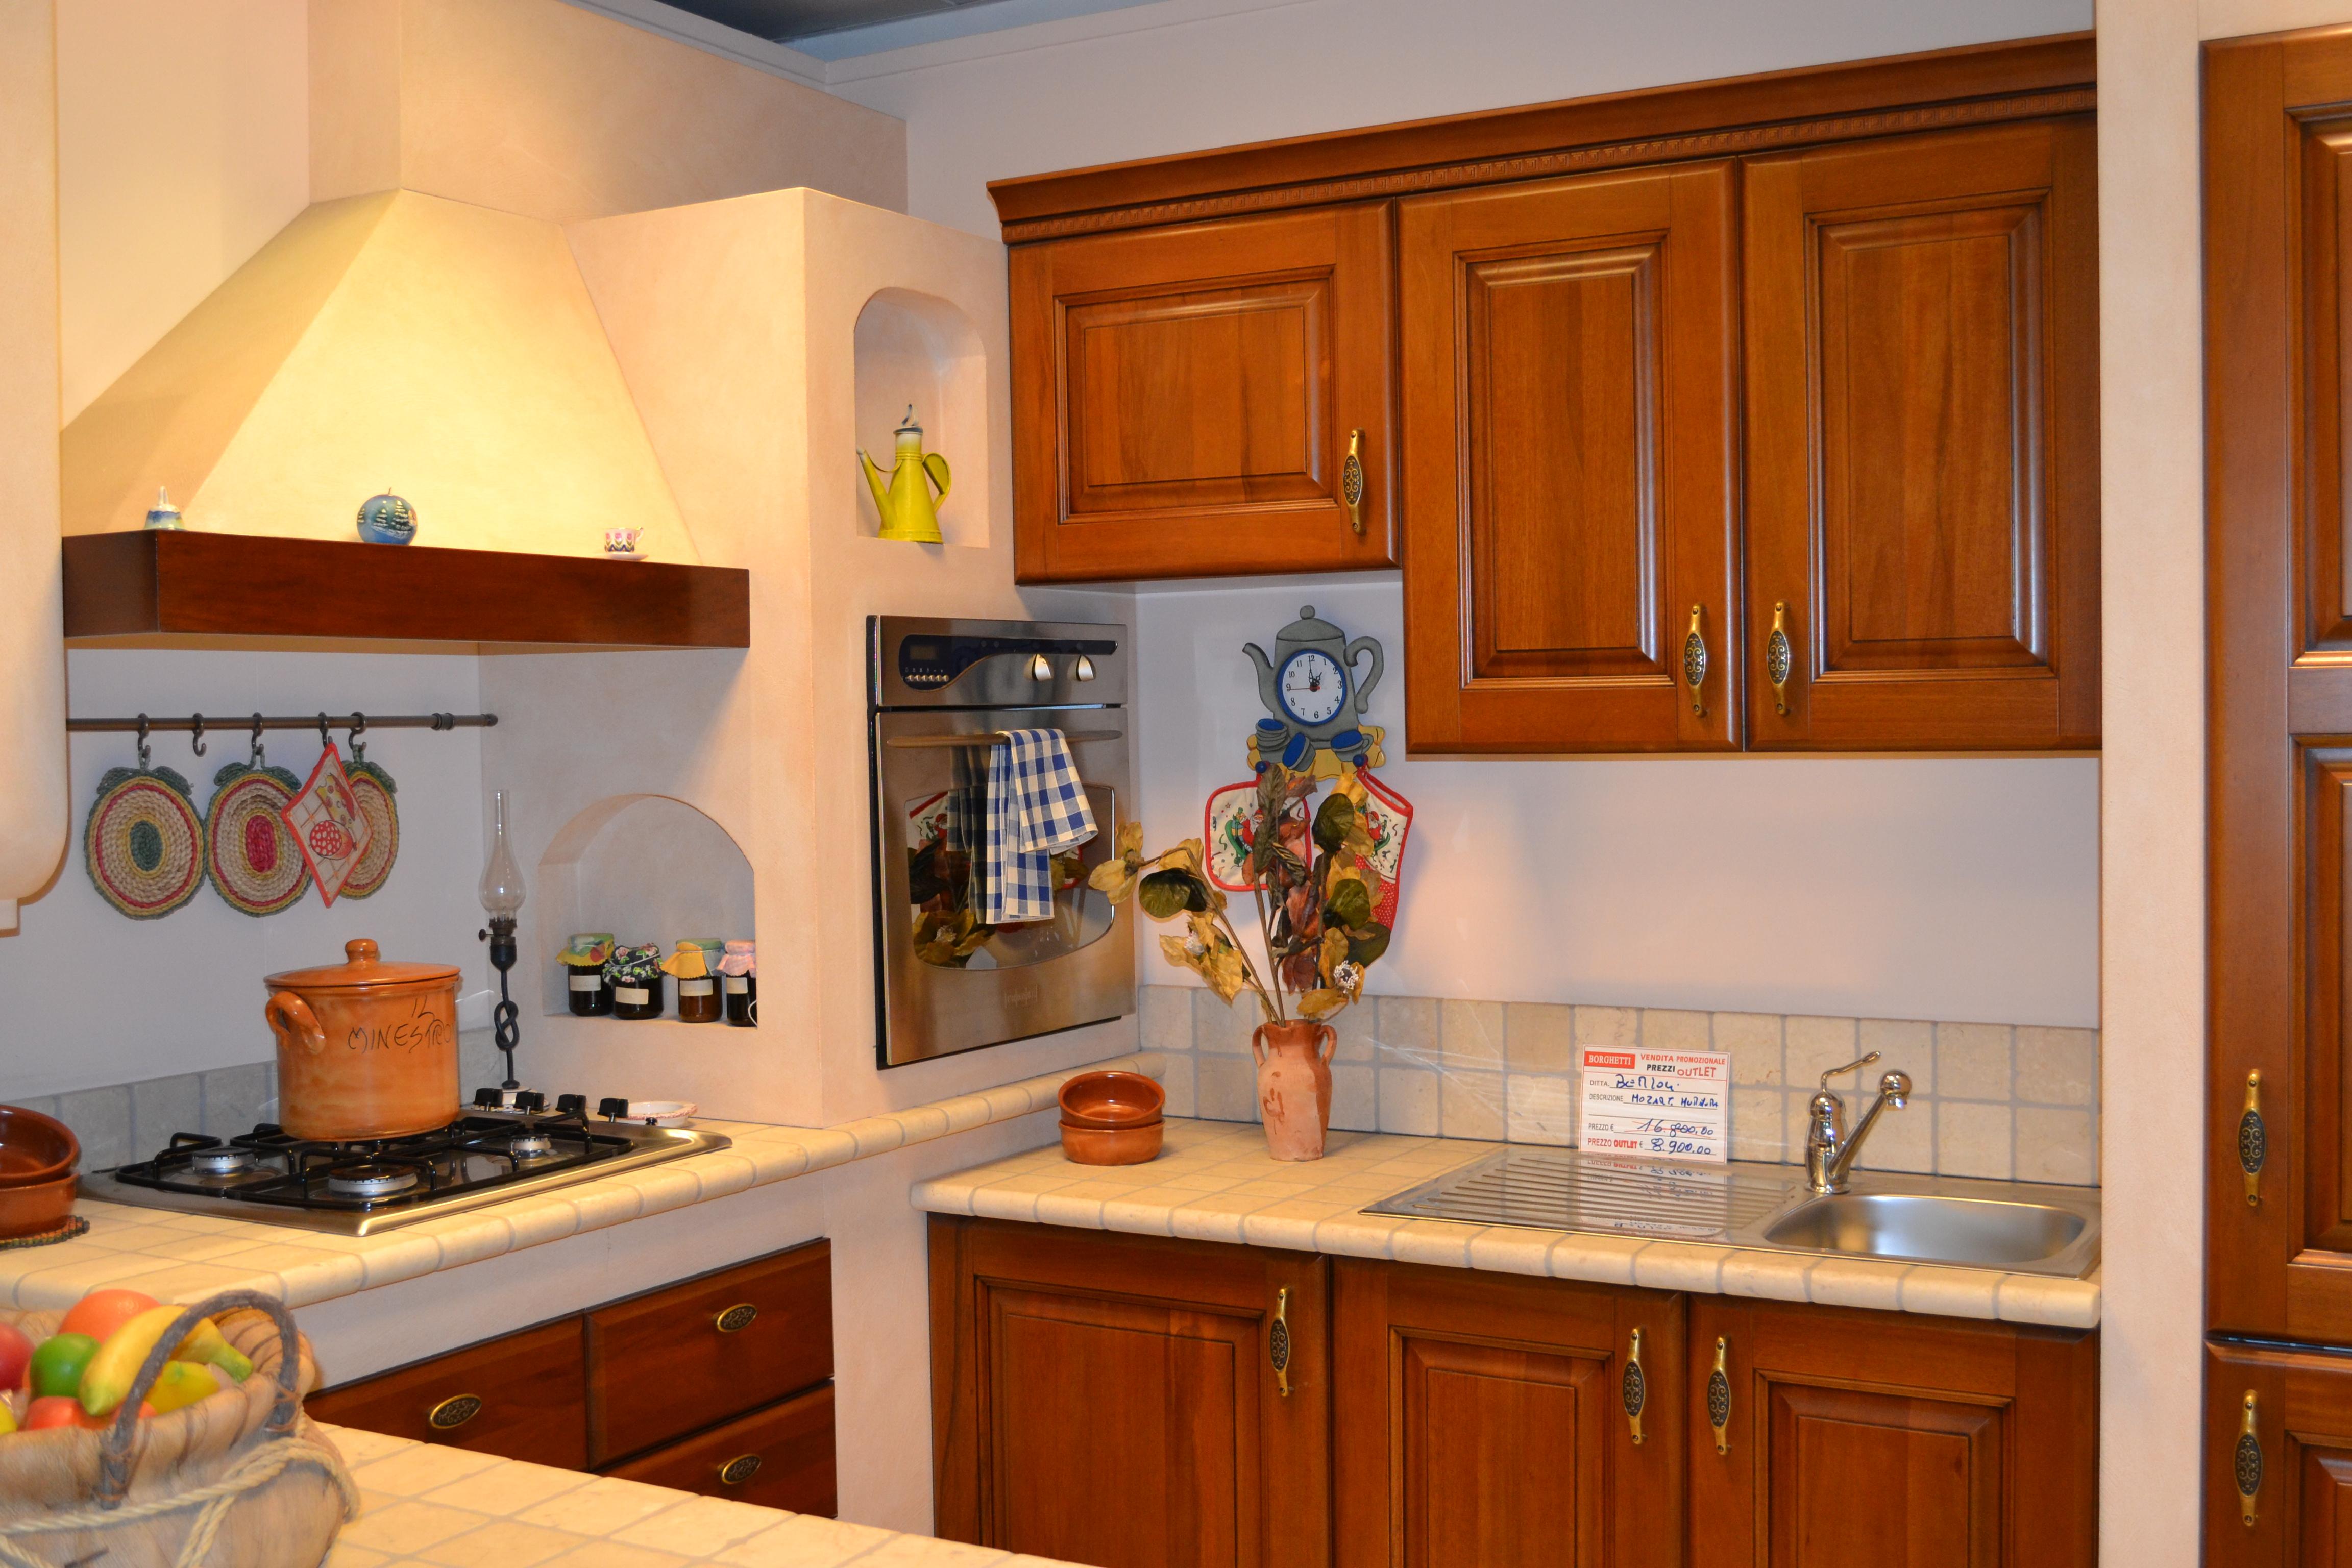 Cucina componibile mozart berloni borghetti arredi arredamenti messina e provincia - Cucine componibili usate su ebay ...